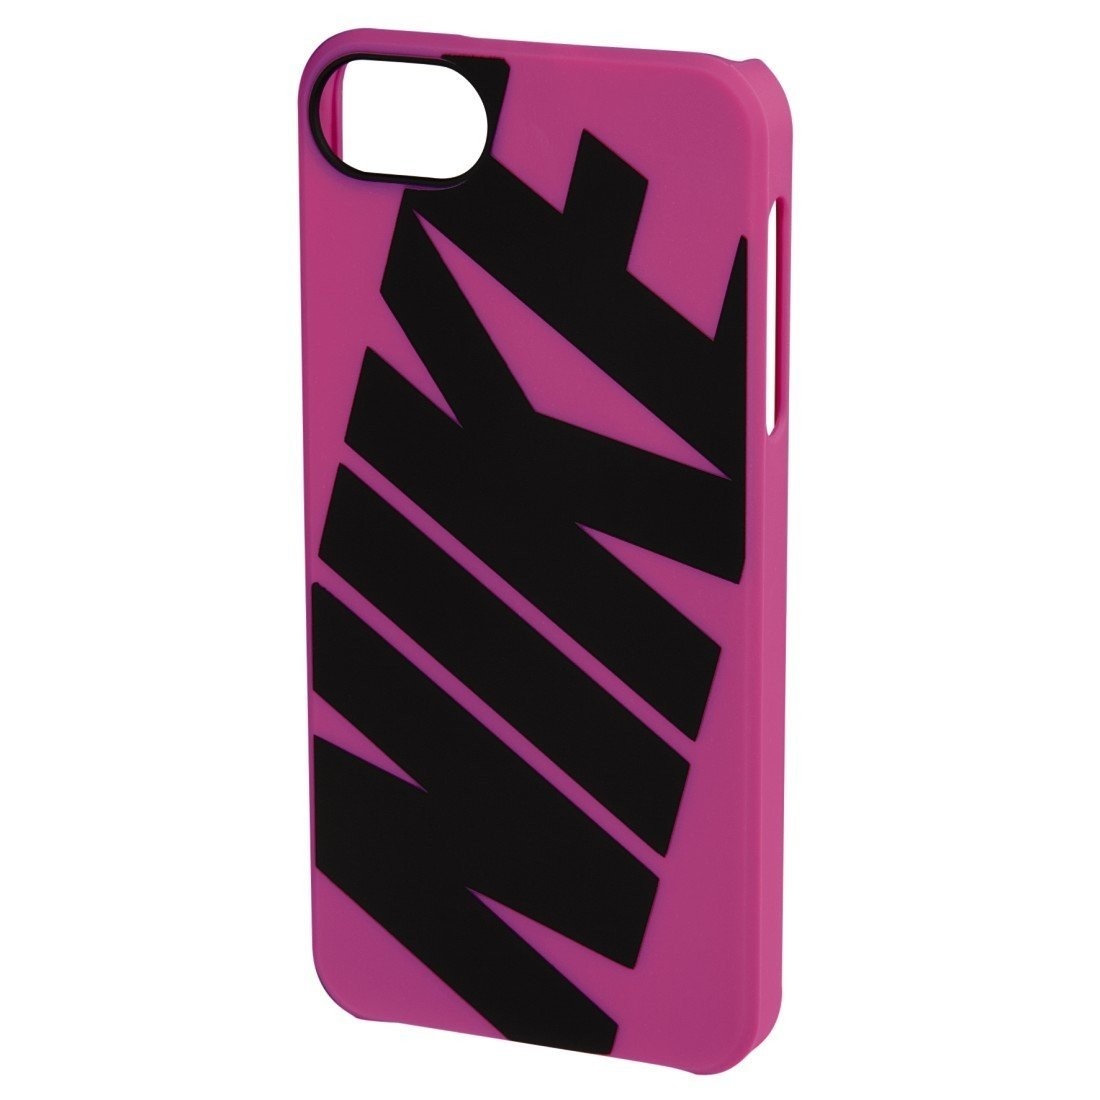 Здрав розов кейс Nike за Apple iPhone 5/5s с черно лого Nike